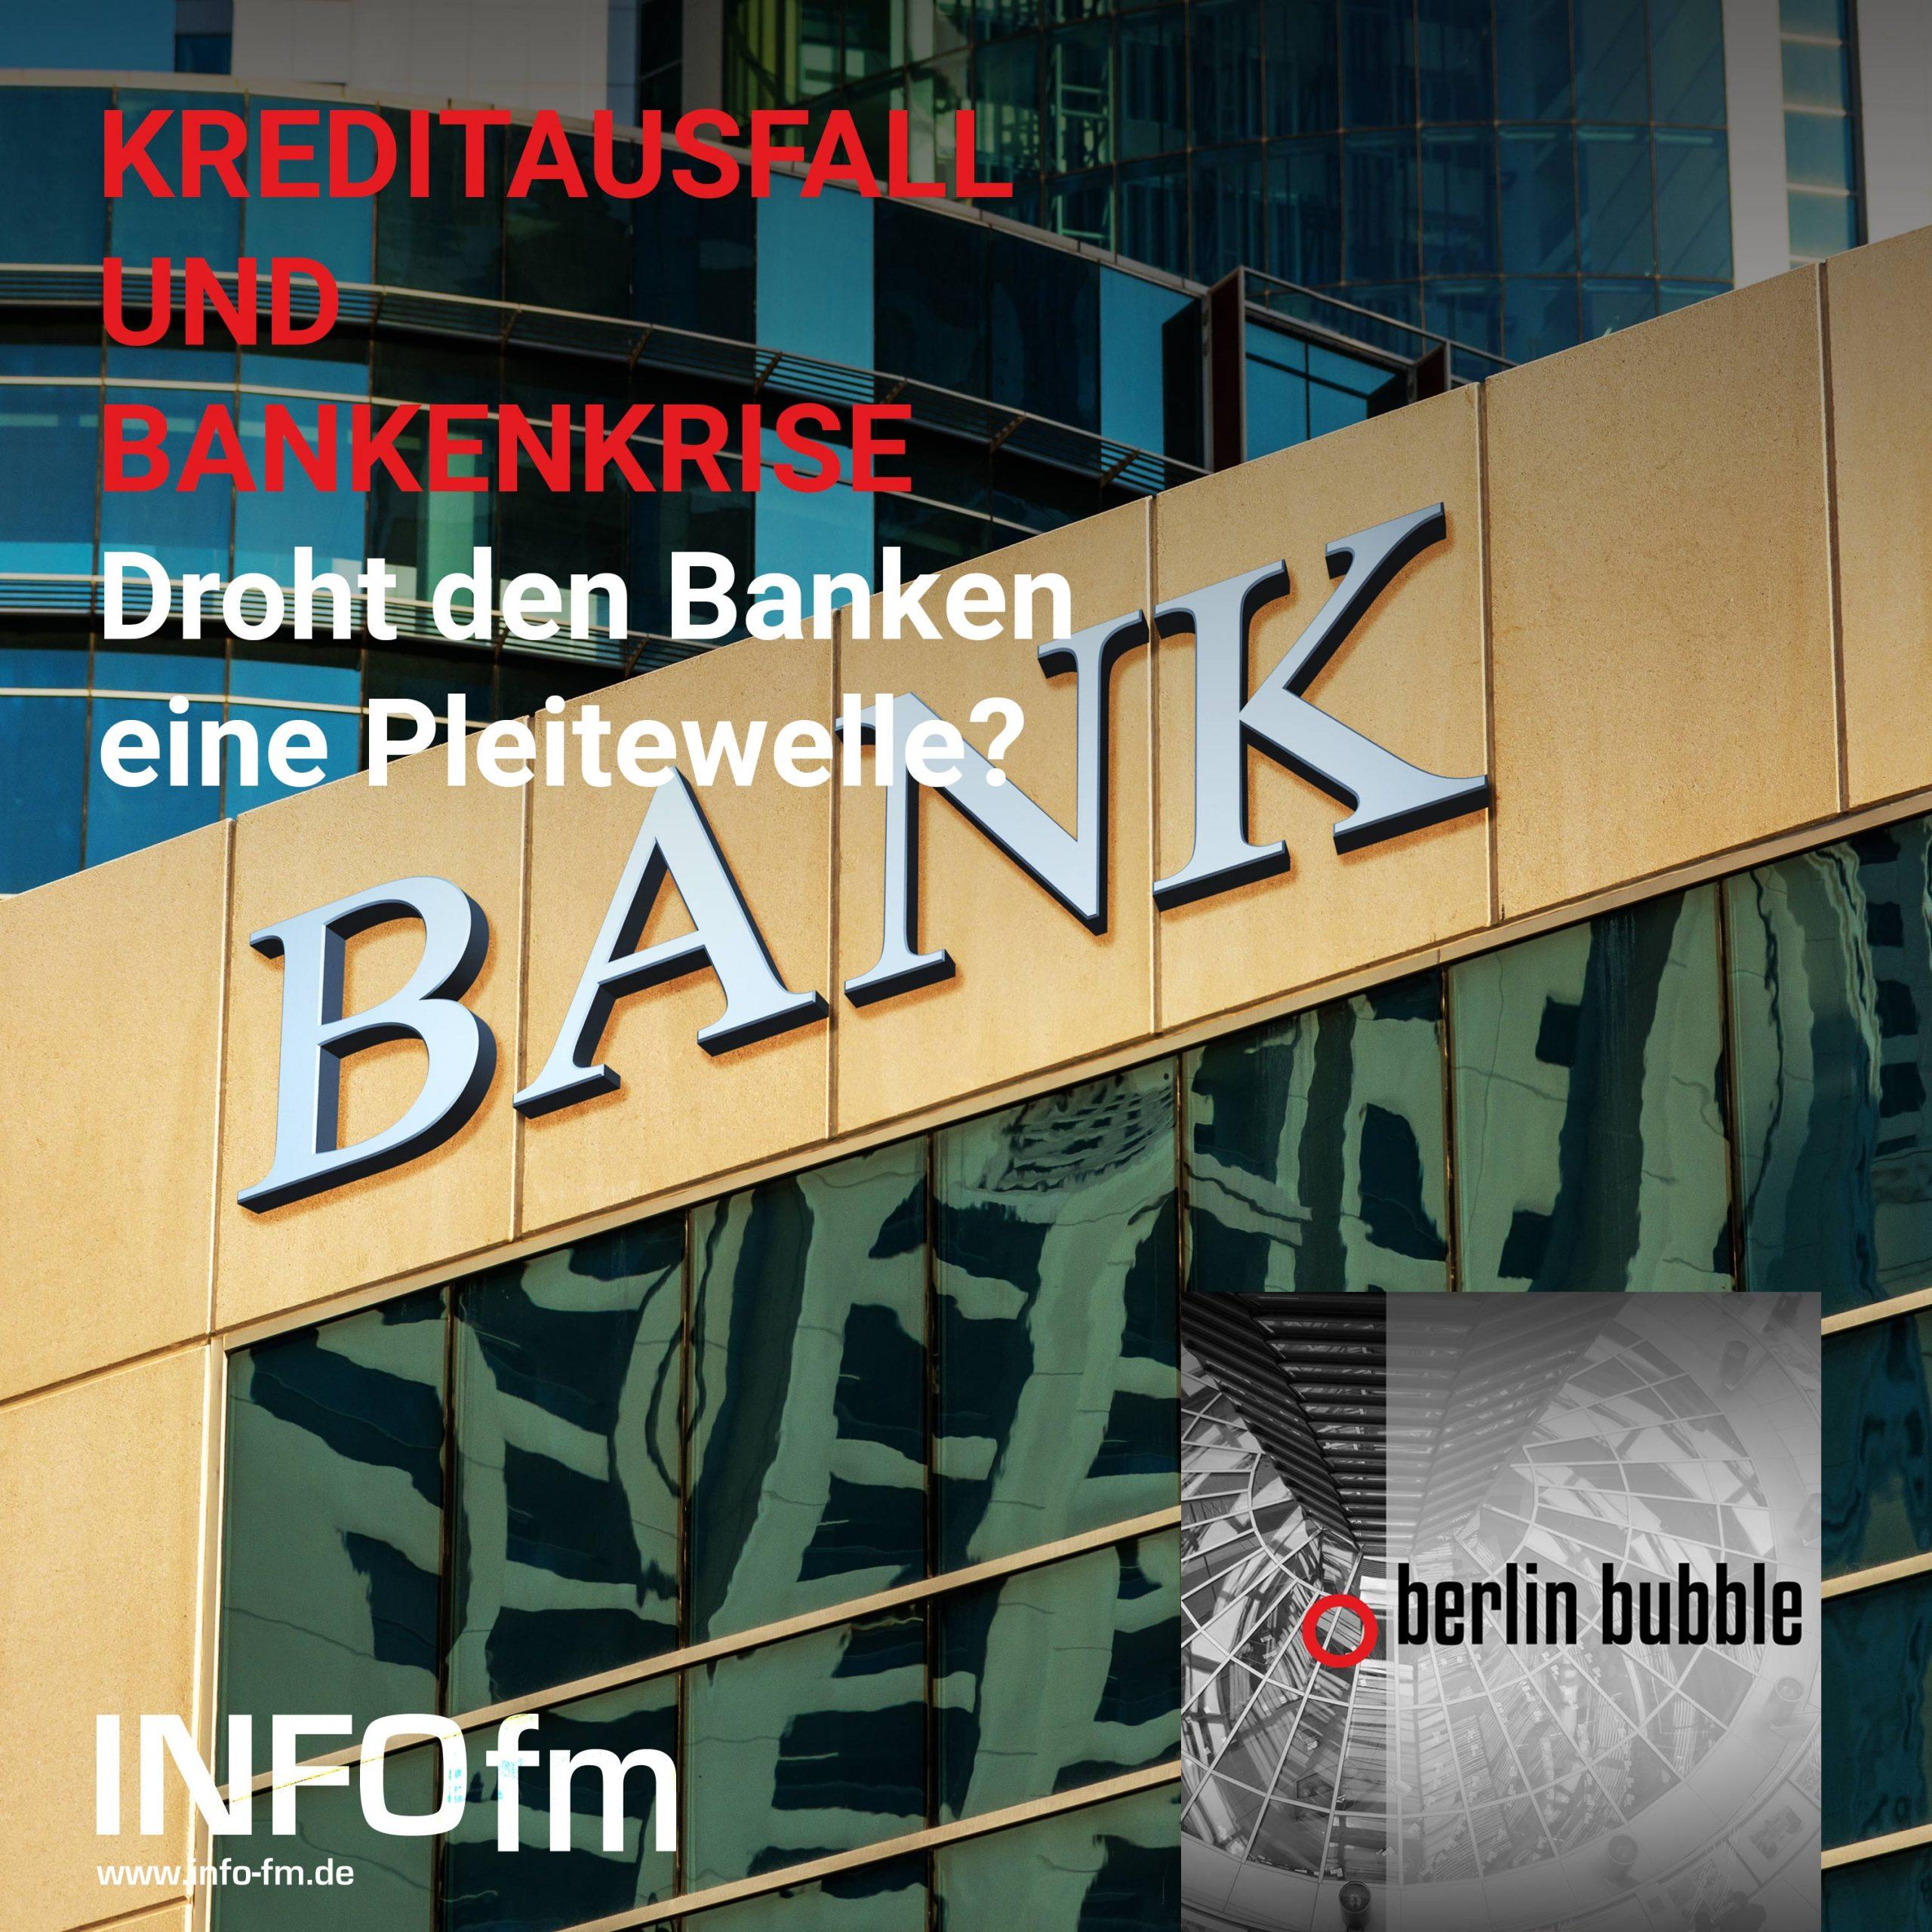 Corona Bankenkrise